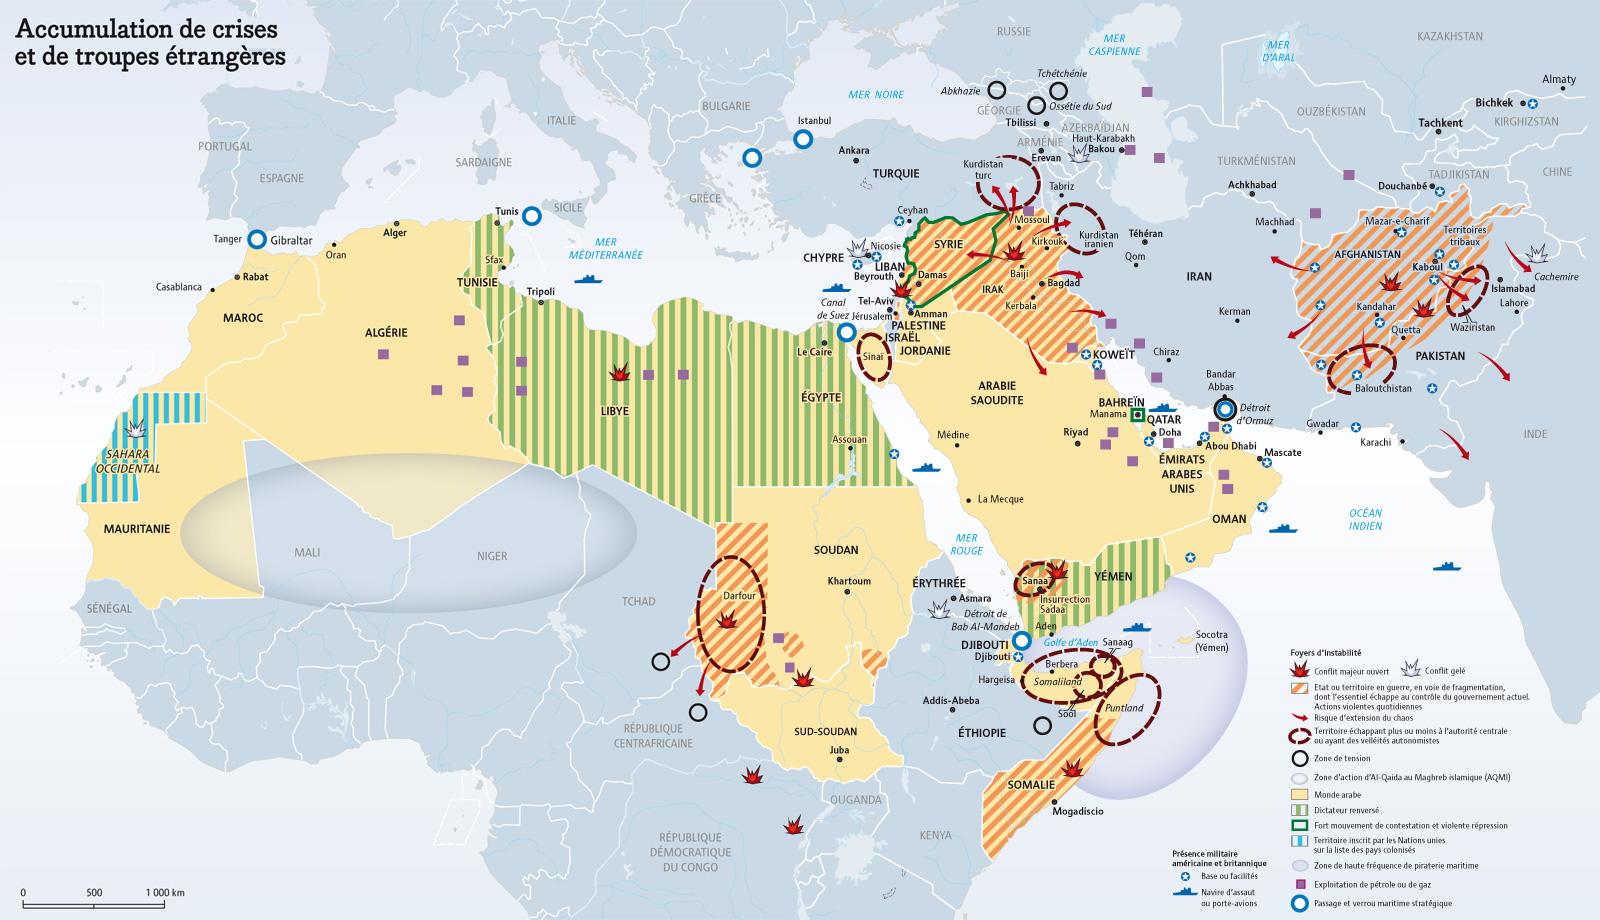 un atlas pour comprendre le monde arabe et musulman par alain gresh les blogs du diplo 18. Black Bedroom Furniture Sets. Home Design Ideas